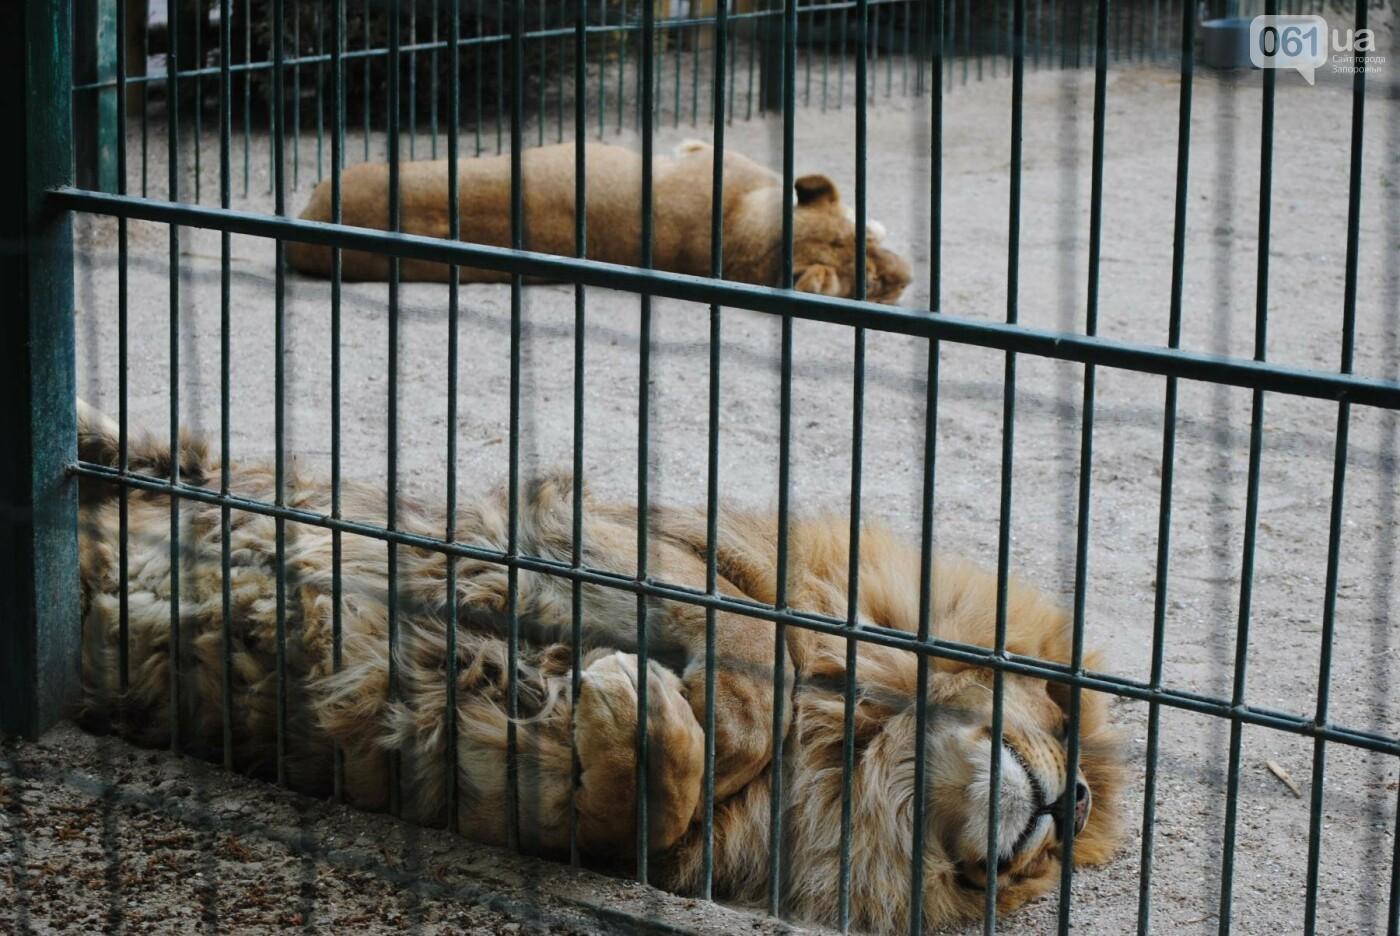 В бердянском зоопарке появились кенгуру: они любят хлеб и скоро станут ручными, - ФОТОРЕПОРТАЖ, фото-30